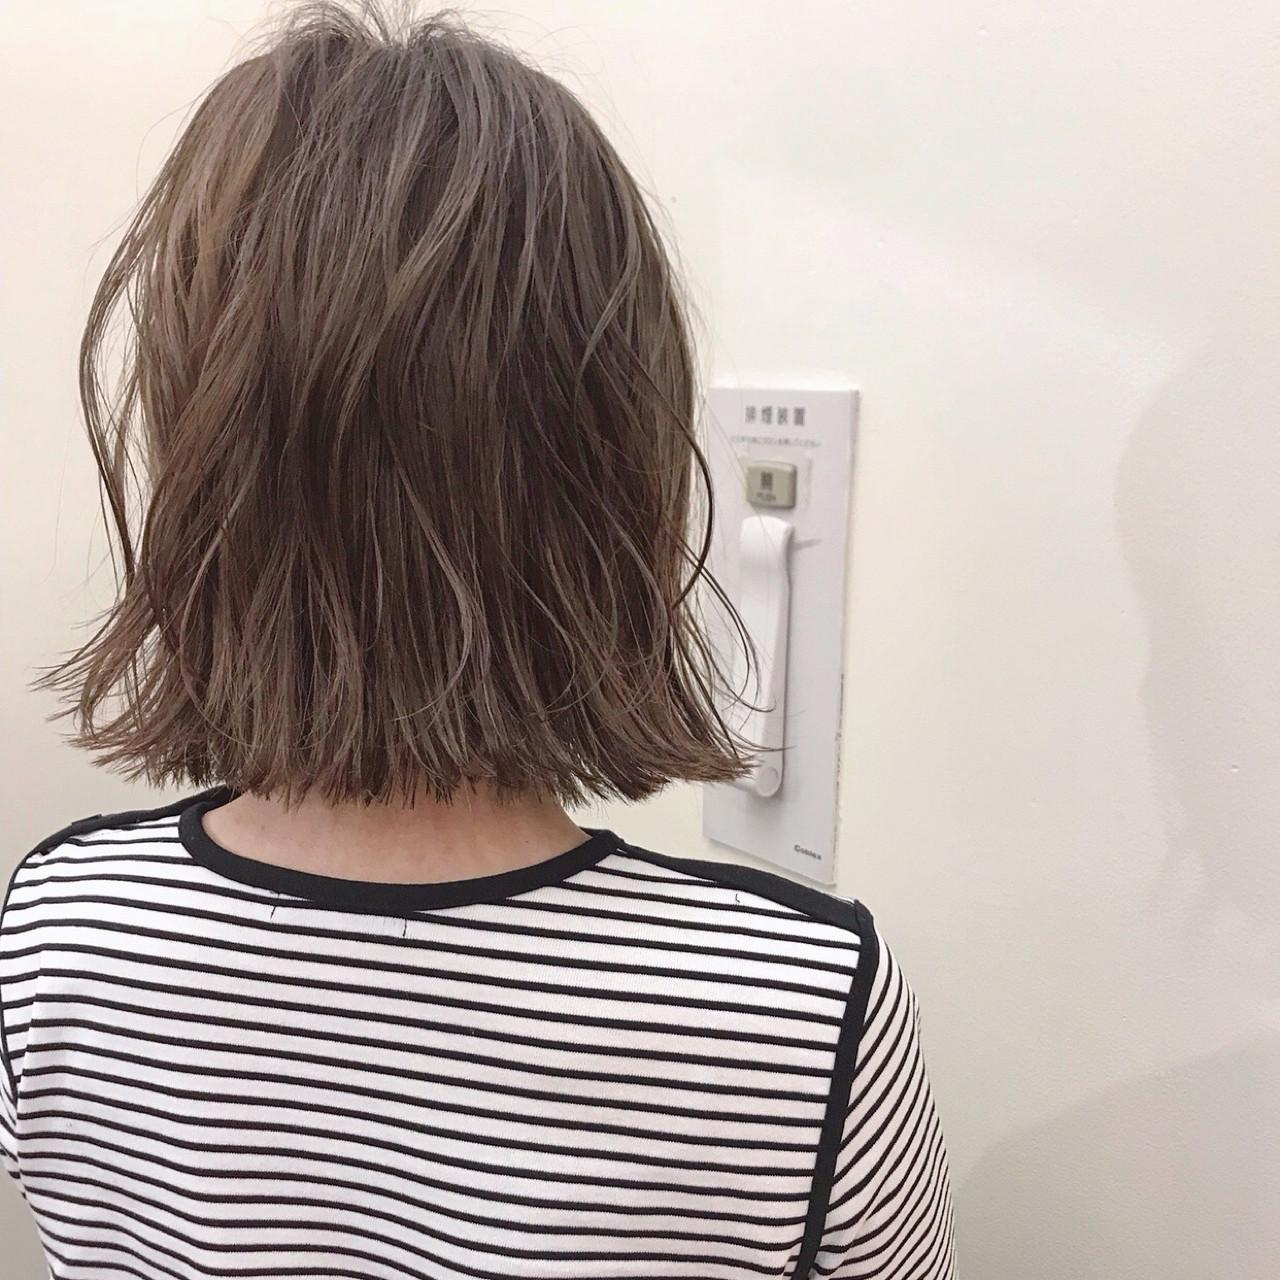 ハイライト ボブ ロブ デート ヘアスタイルや髪型の写真・画像 | yumiko/sapporoSKNOW / SKNOW